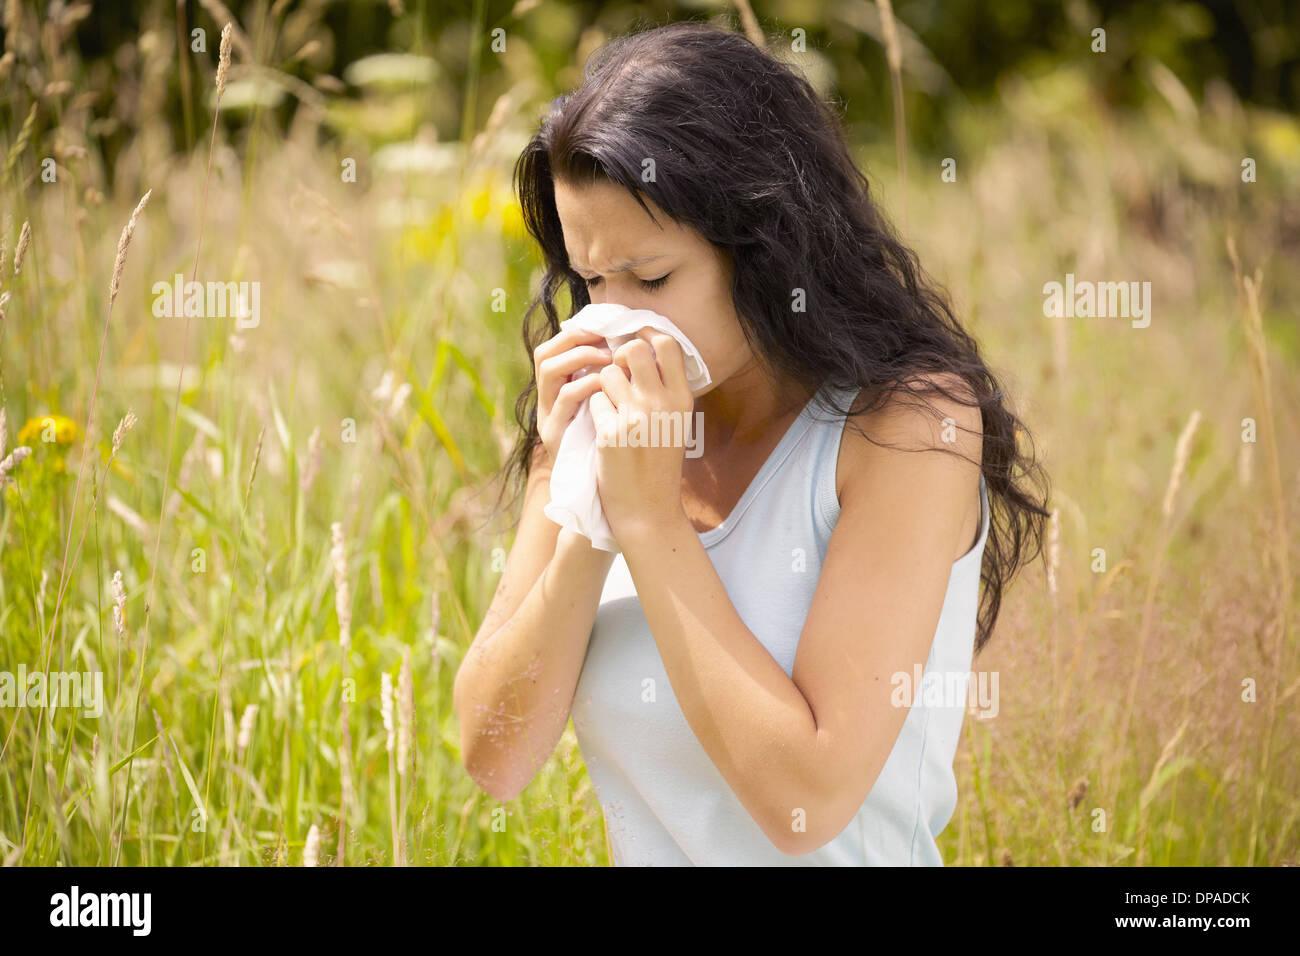 Chica con tejido de nariz de barrido Imagen De Stock